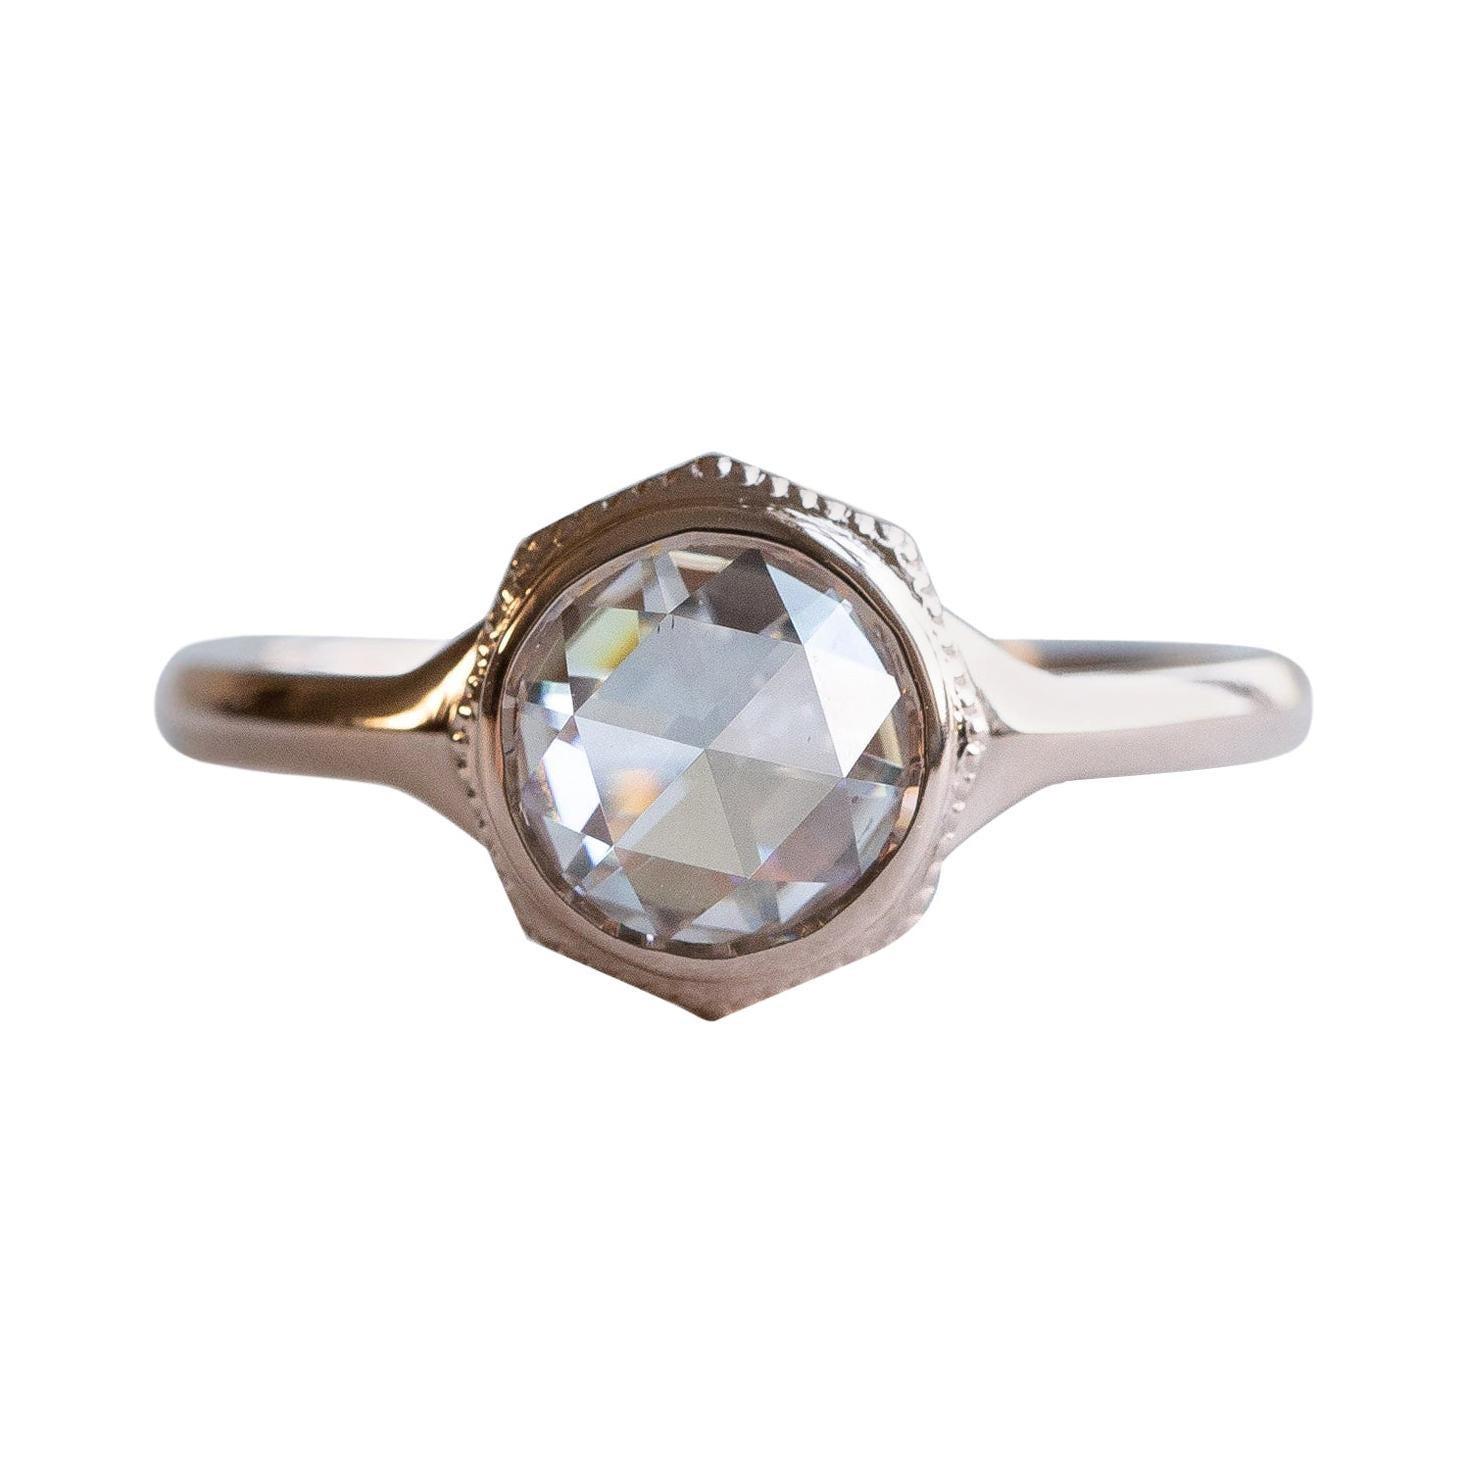 14 Karat Rose Cut .80 Carat Diamond Ring, Rose Gold Ring, Diamond Rose Cut